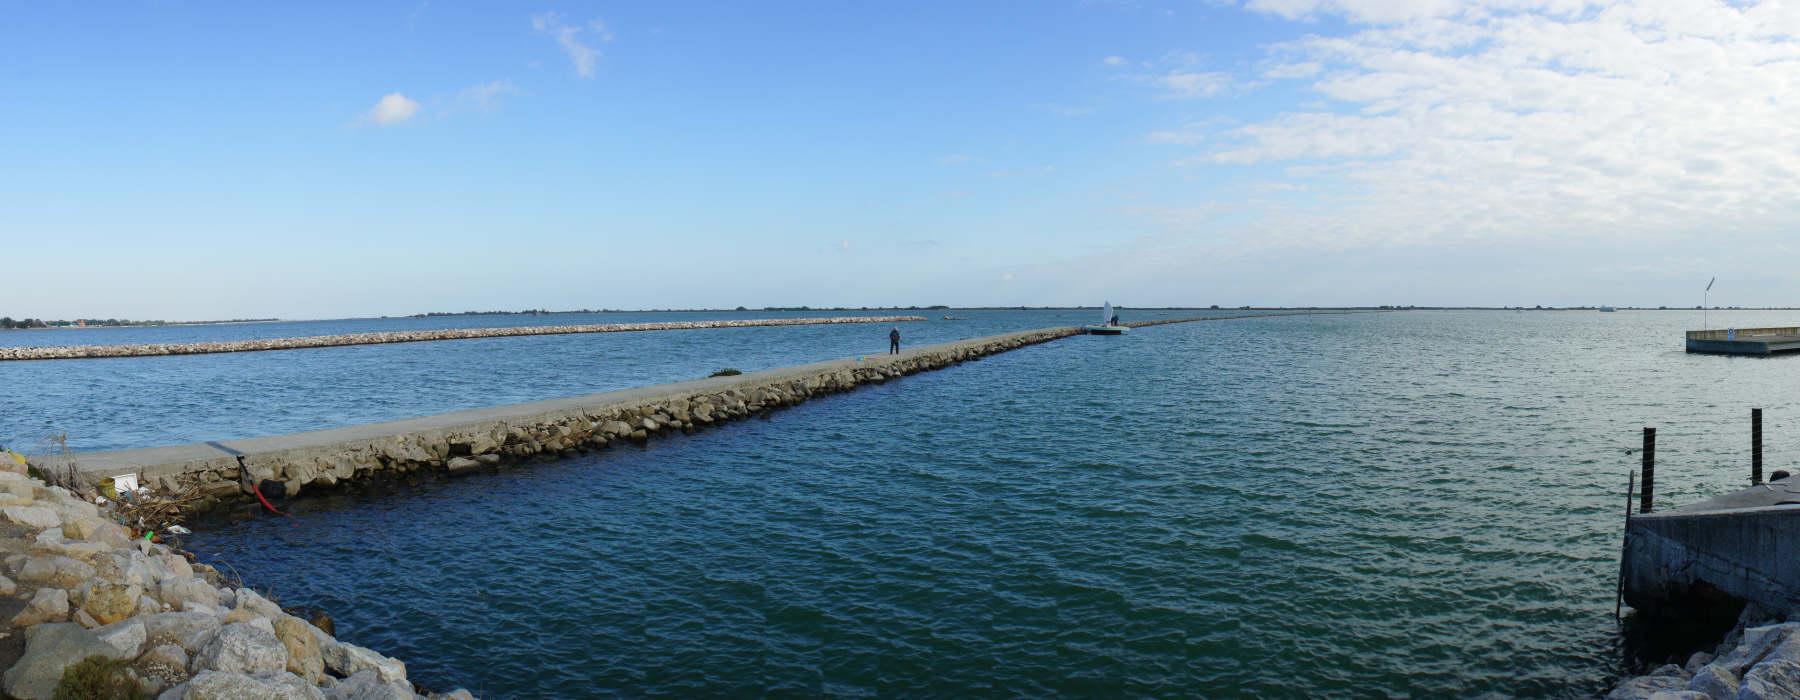 porto viro porto levante delta del po   foto panoramica